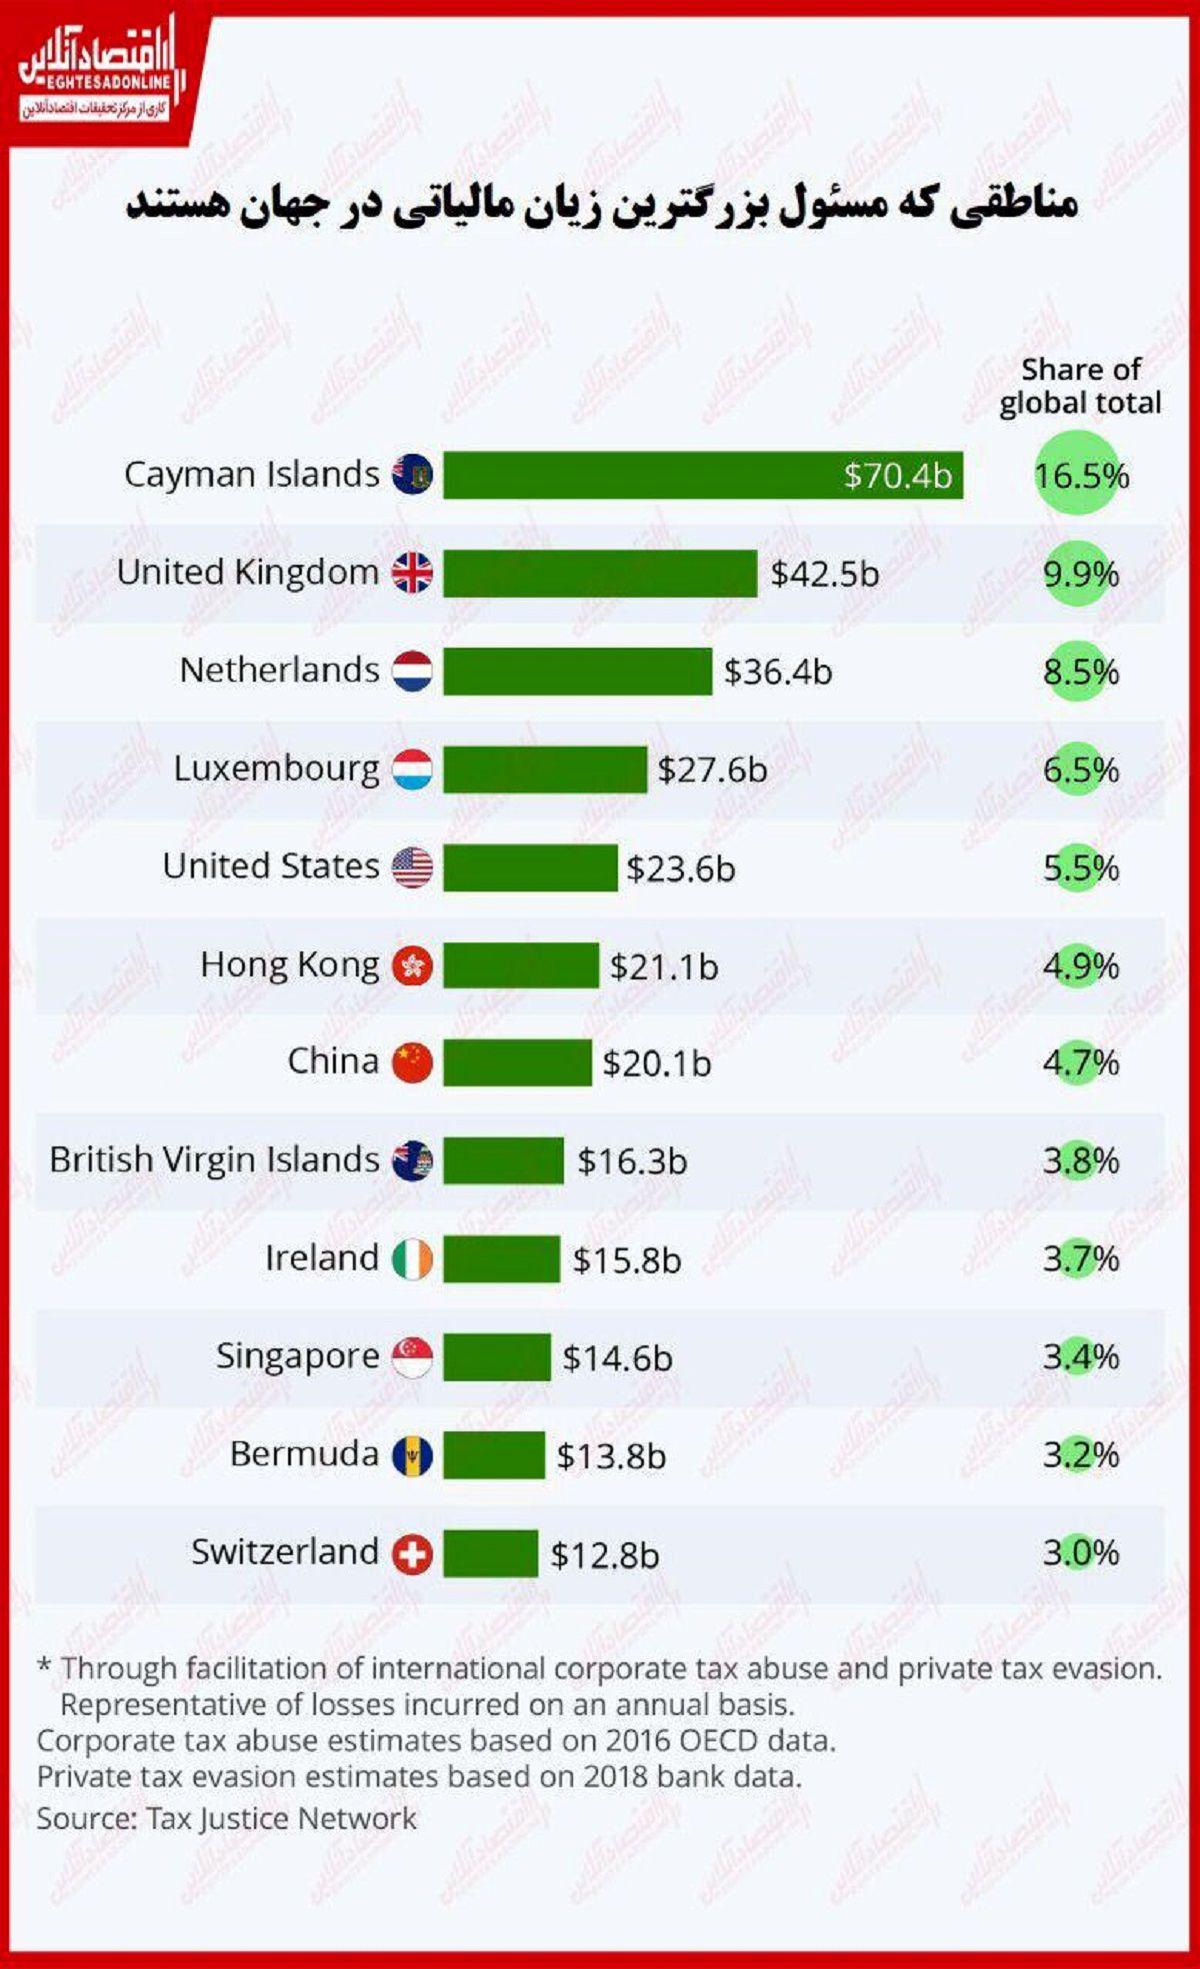 بزرگترین عاملان سواستفاده مالیاتی در جهان کدامند؟/ سیستمی باب میل ثروتمندان برنامهریزی شده است